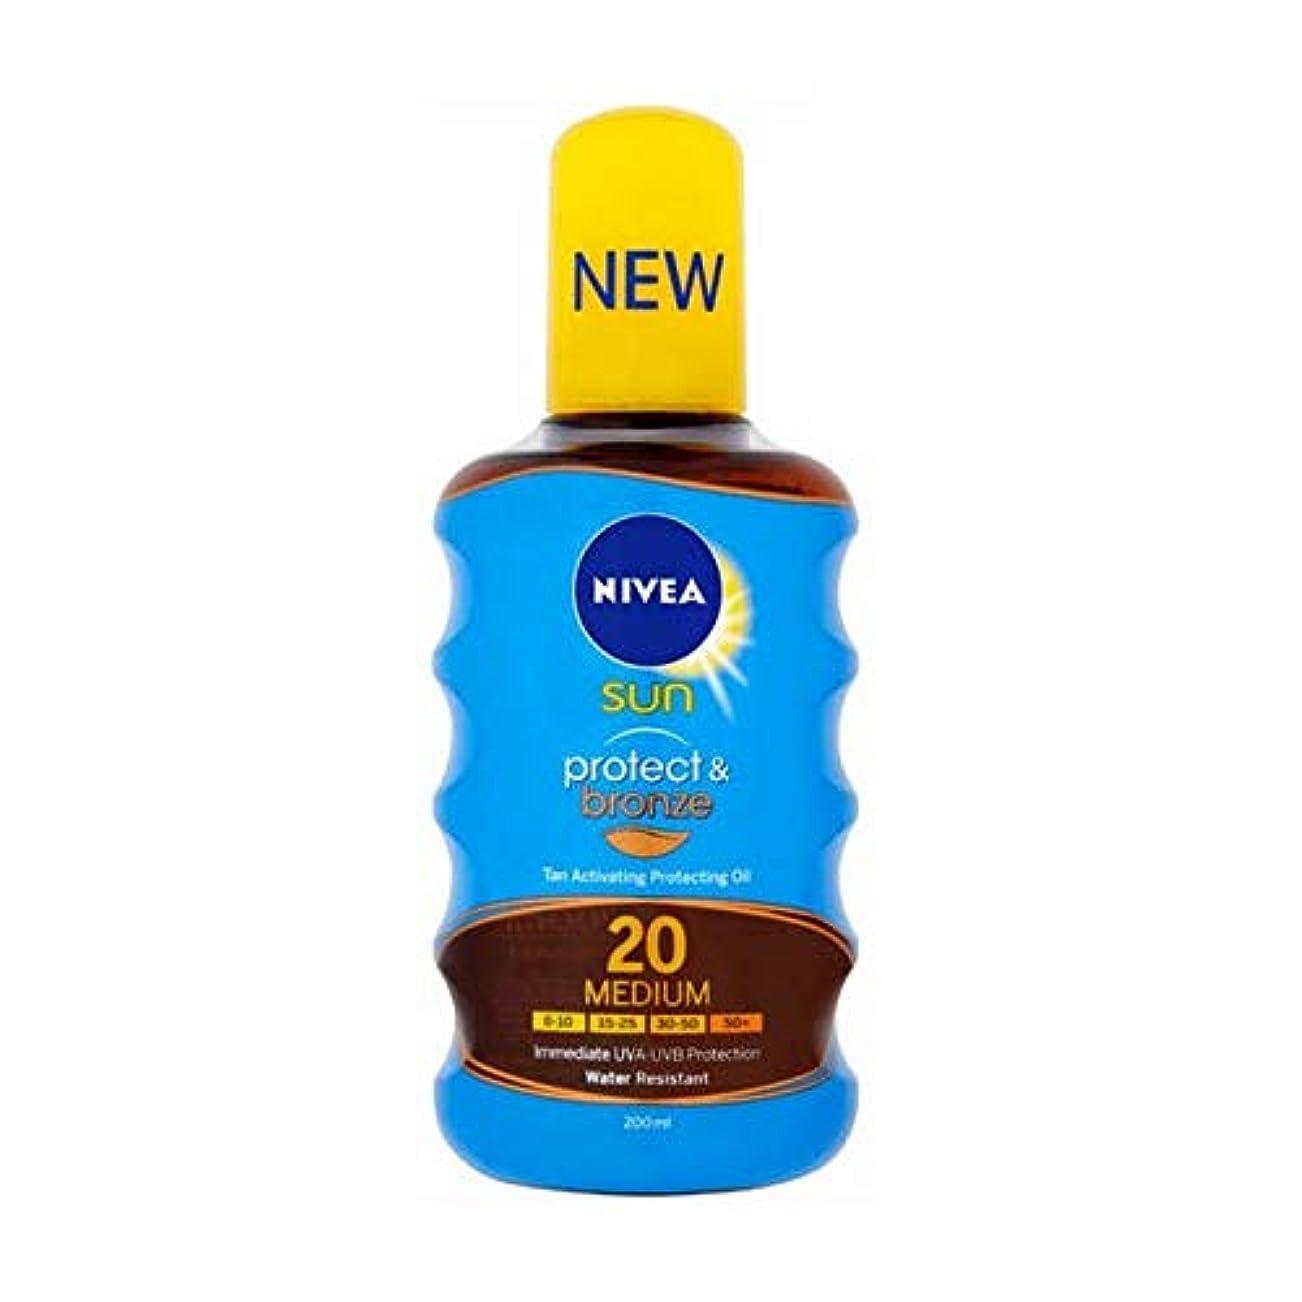 穿孔する興奮する集める[Nivea ] ニベア日焼けオイルSpf20プロテクト&ブロンズ200ミリリットル活性化 - NIVEA SUN Tan Activating Oil SPF20 Protect&Bronze 200ml [並行輸入品]